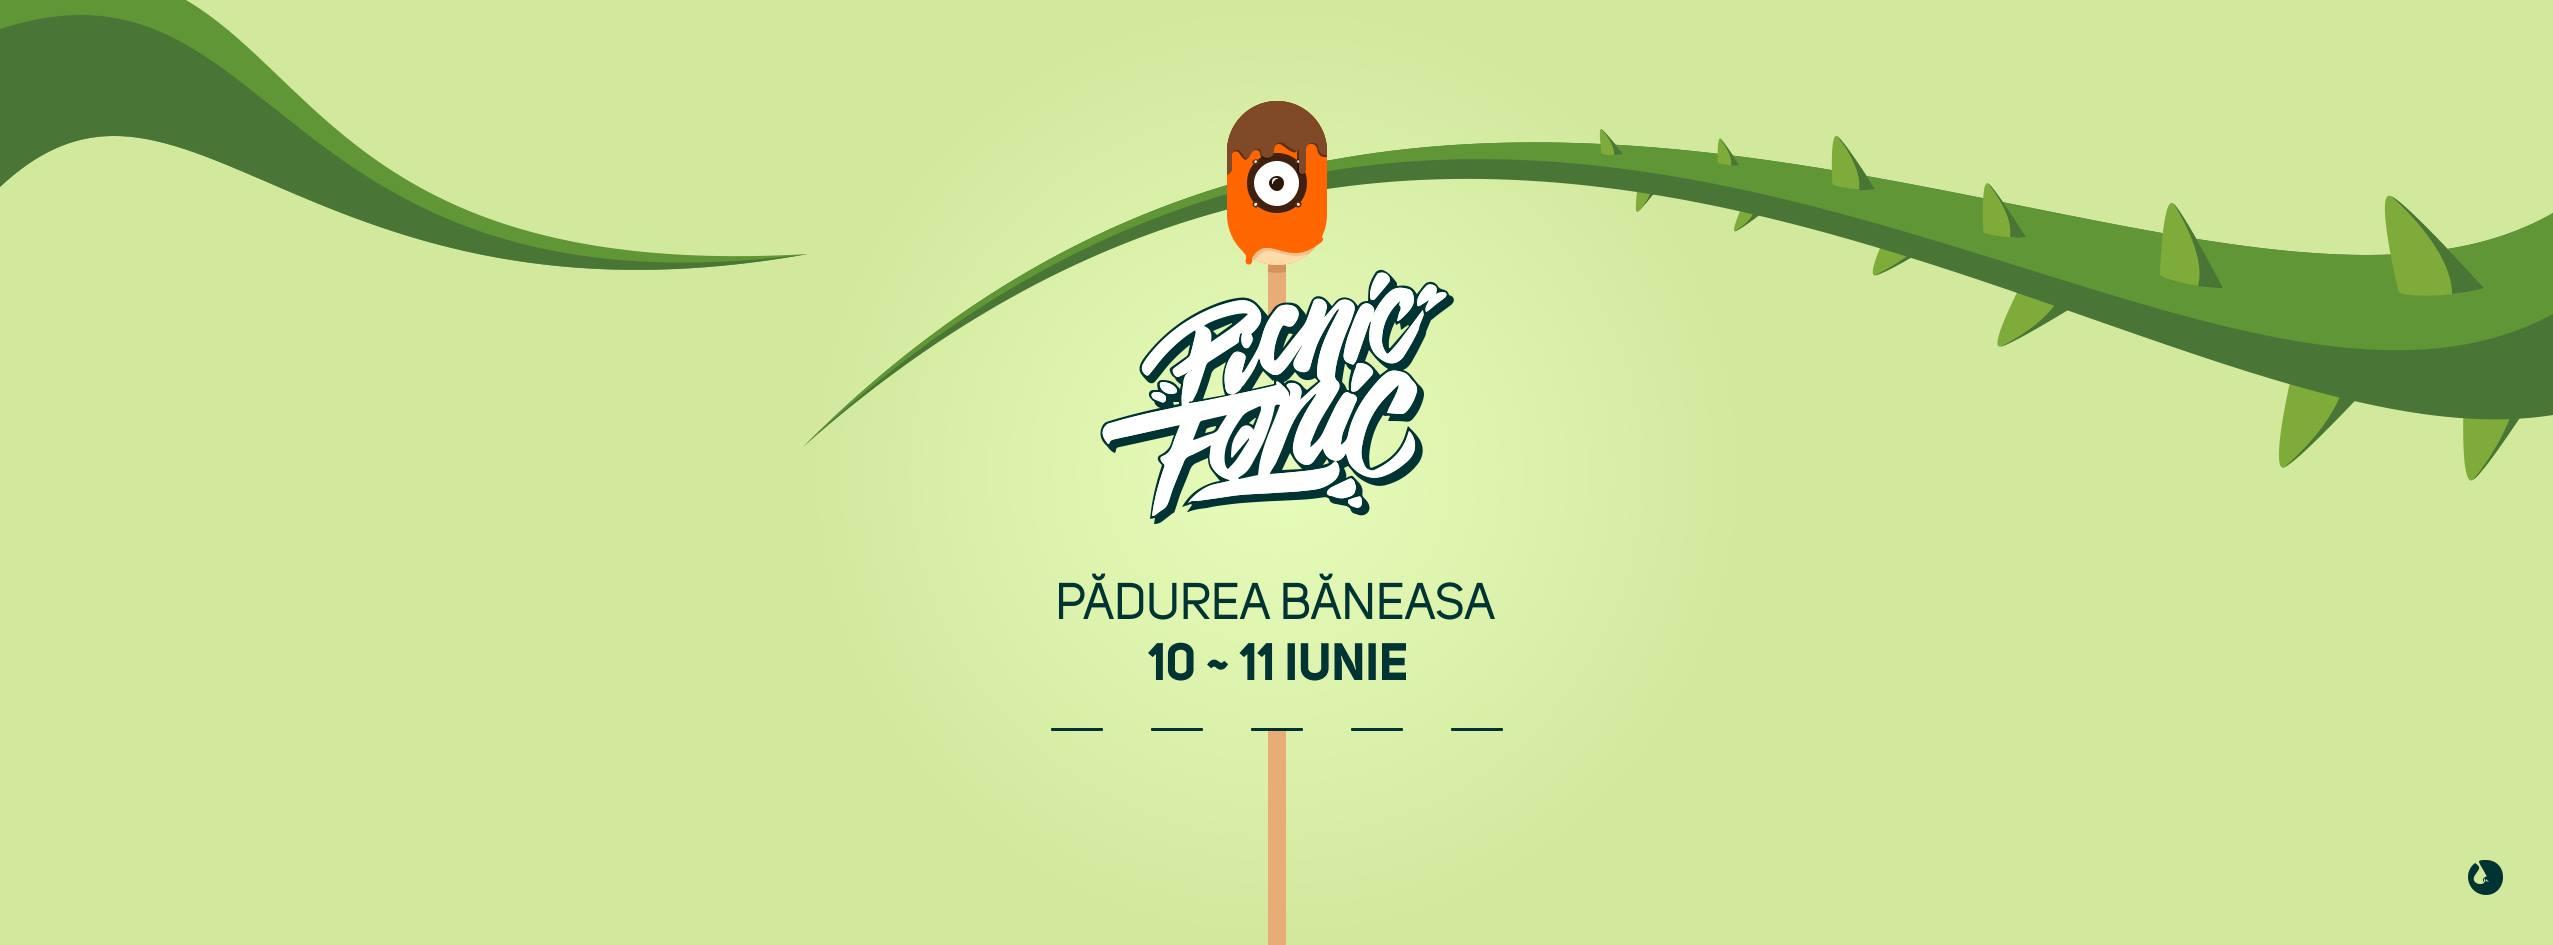 Picnic Fonic Festival – Padurea Baneasa